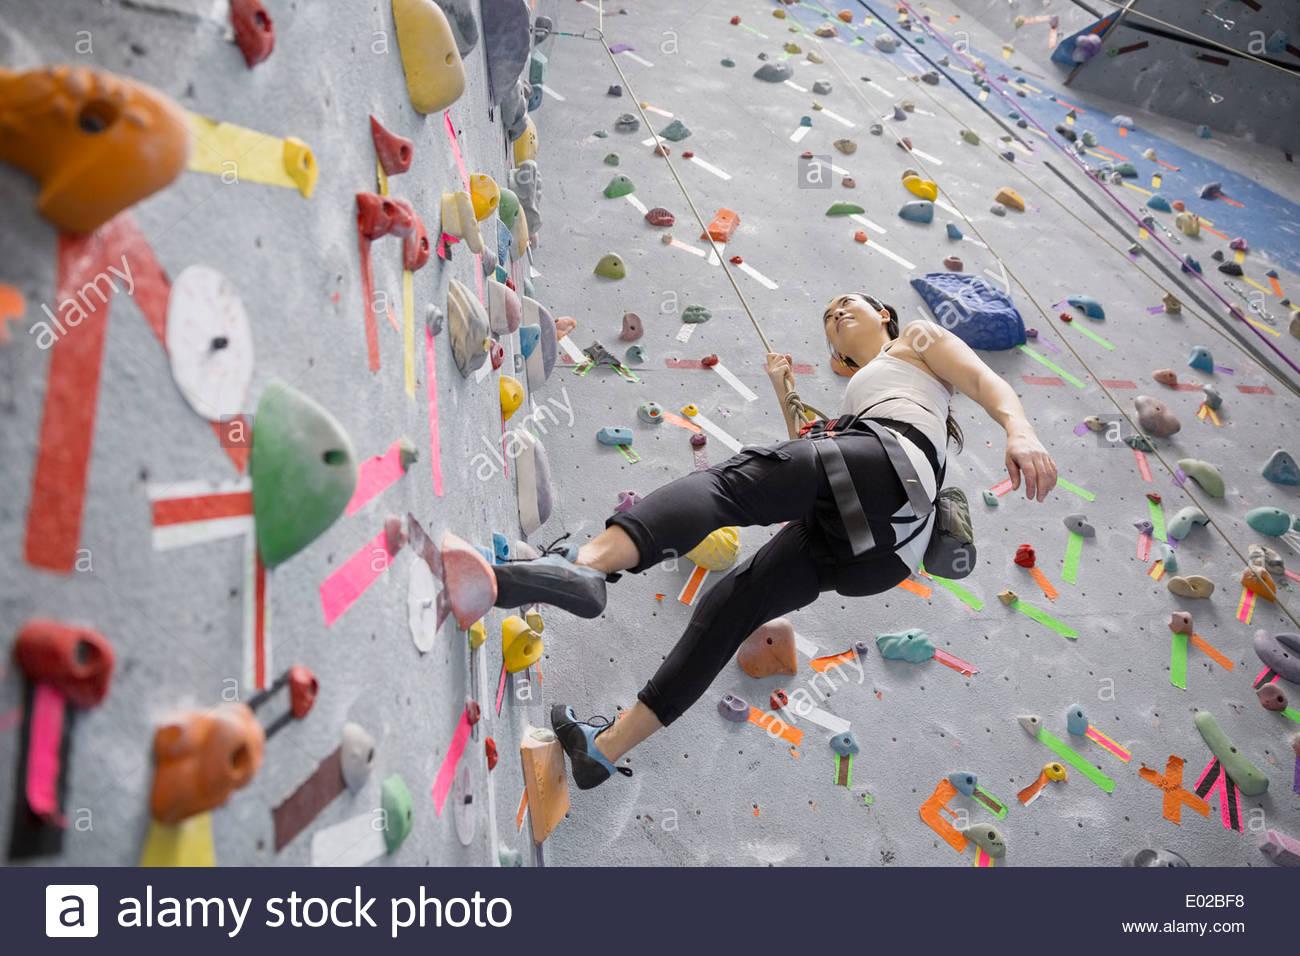 Mujer escalada indoor rock wall Imagen De Stock